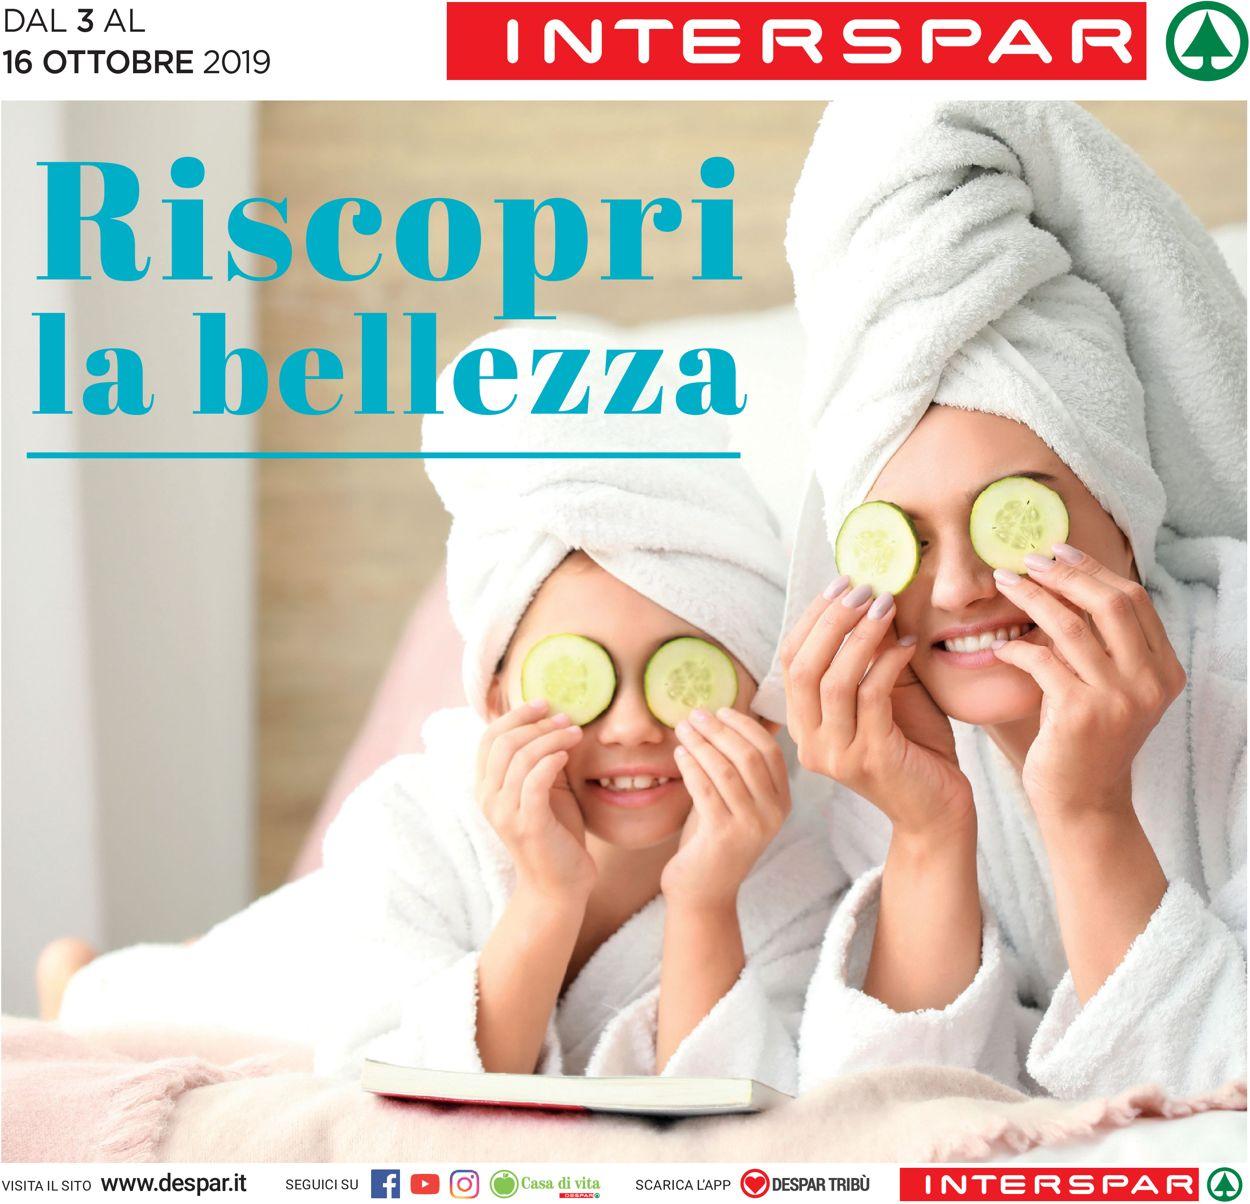 Volantino Interspar - Offerte 03/10-16/10/2019